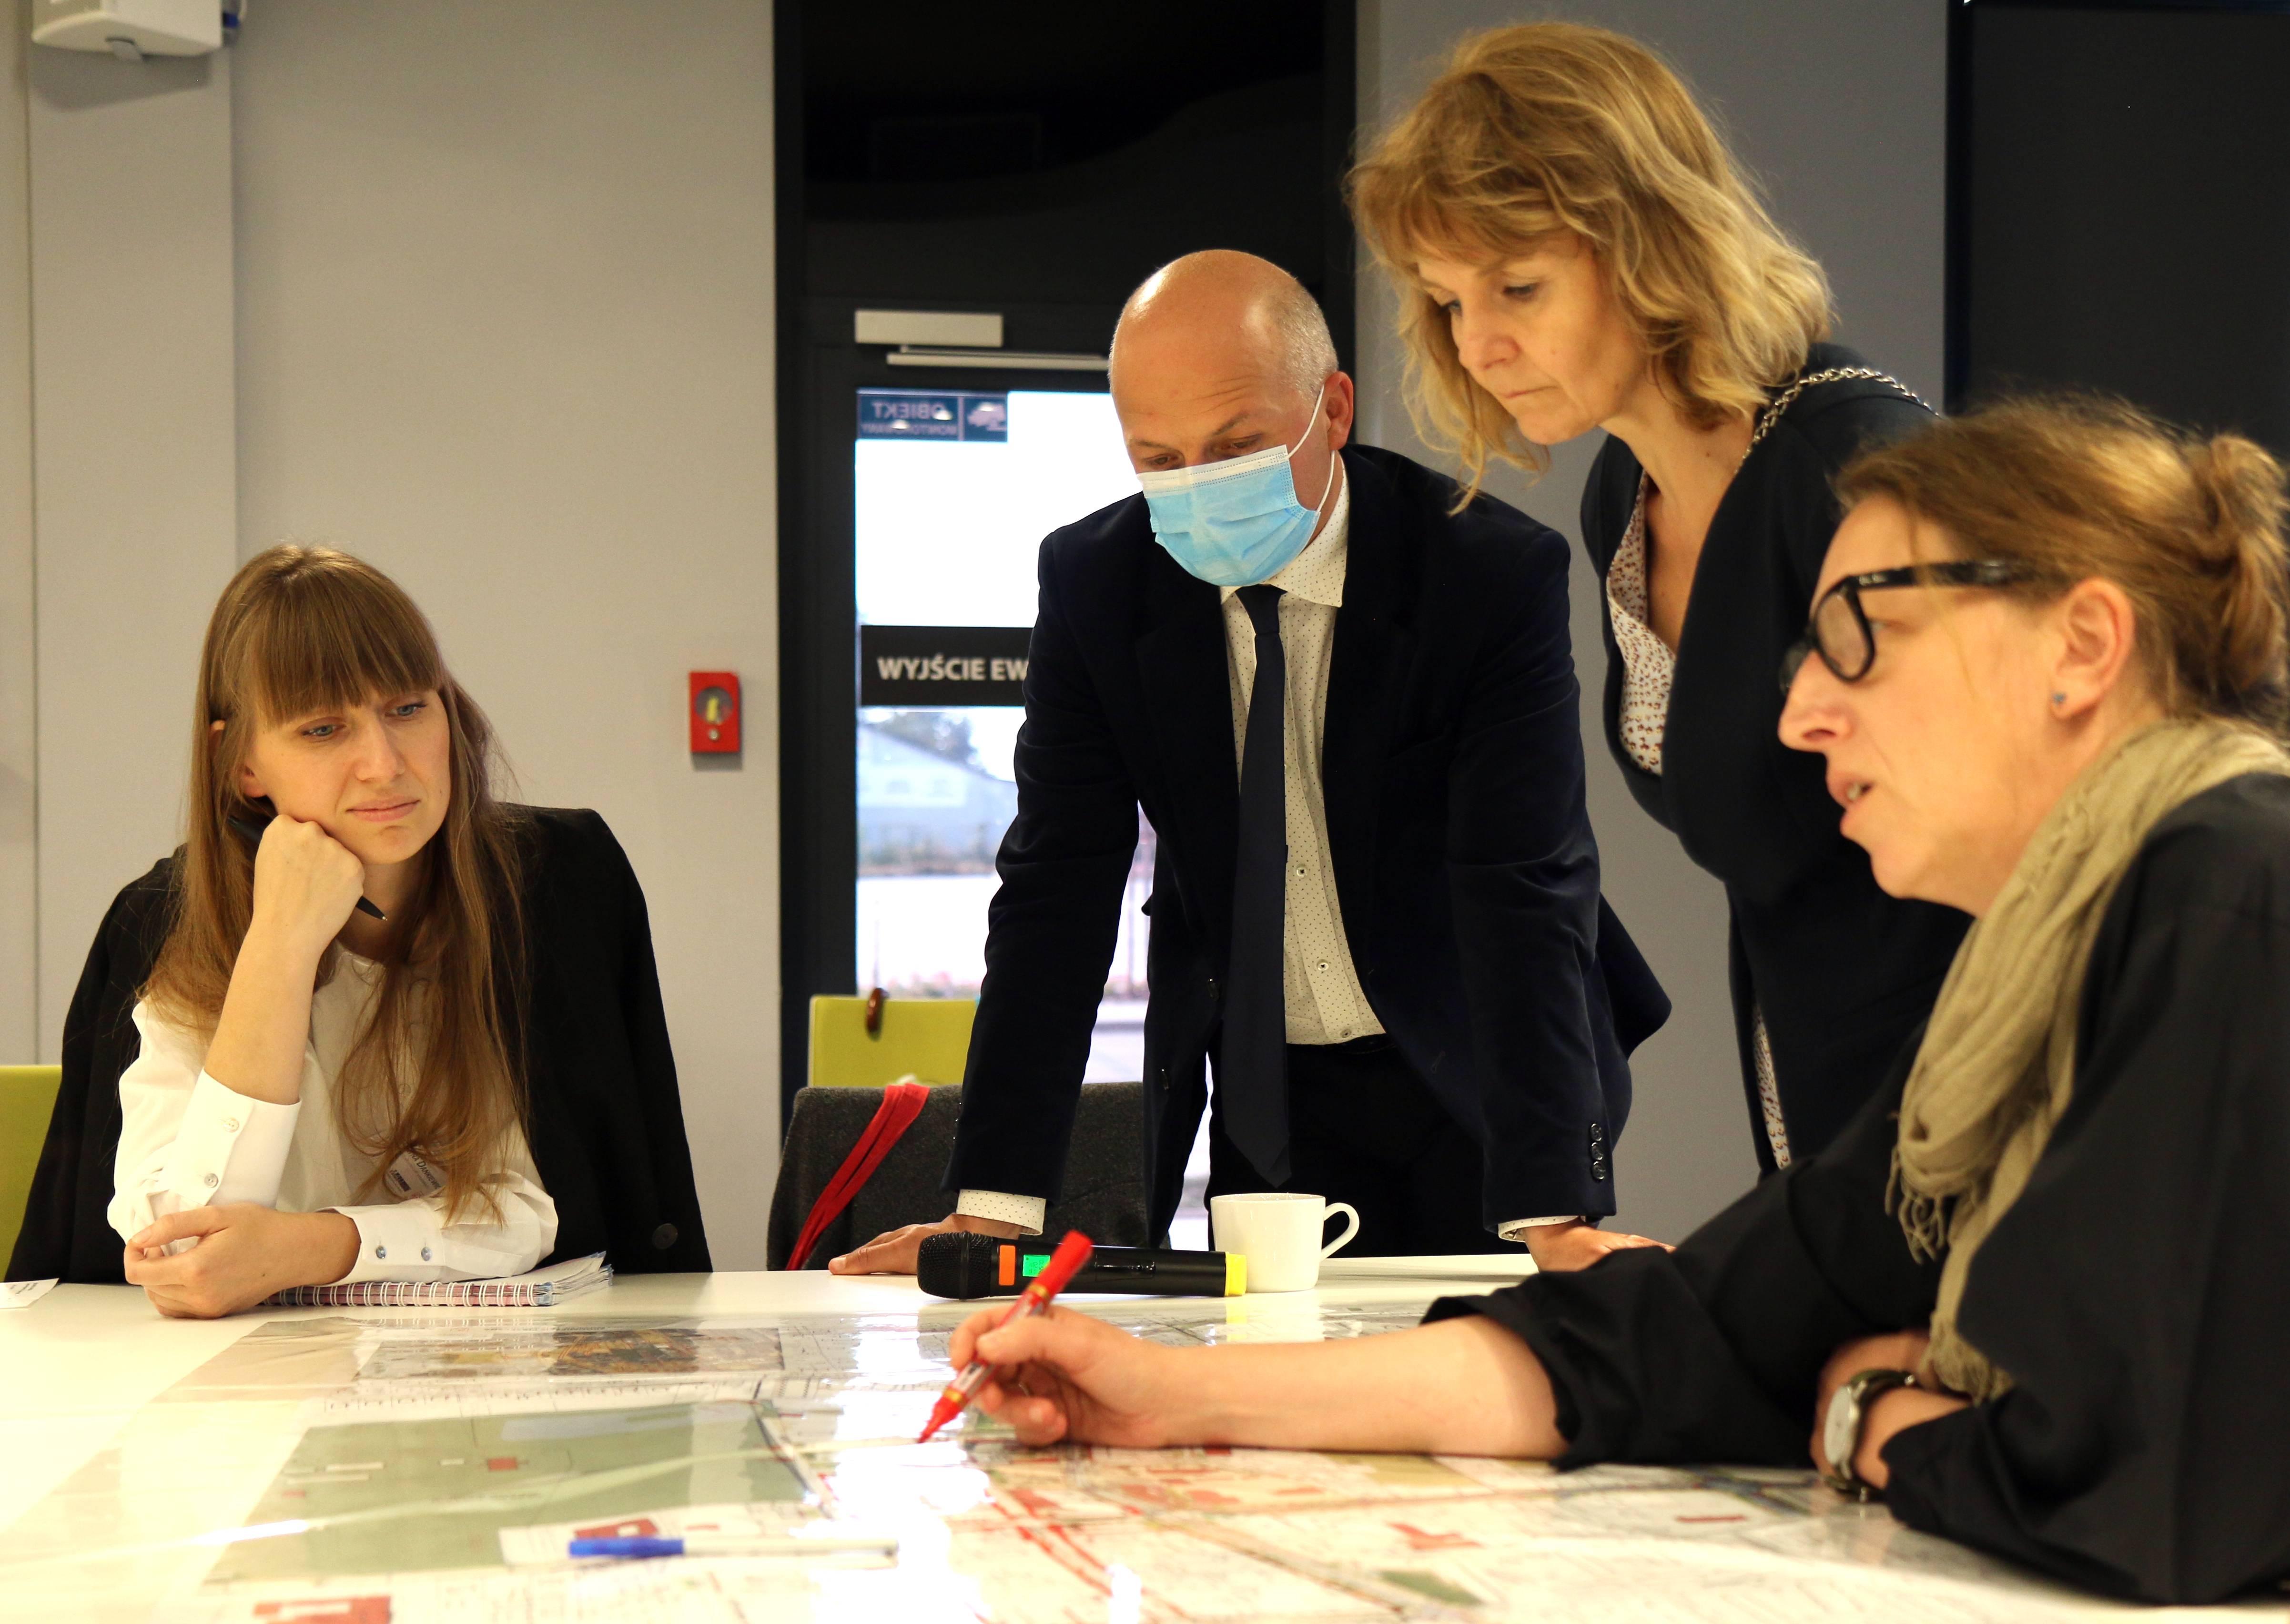 Jakie centrum miasta? Na zdjęciu urzędnicy, specjaliści i burmistrz Daniel Putkiewicz podczas prac warsztatowych.